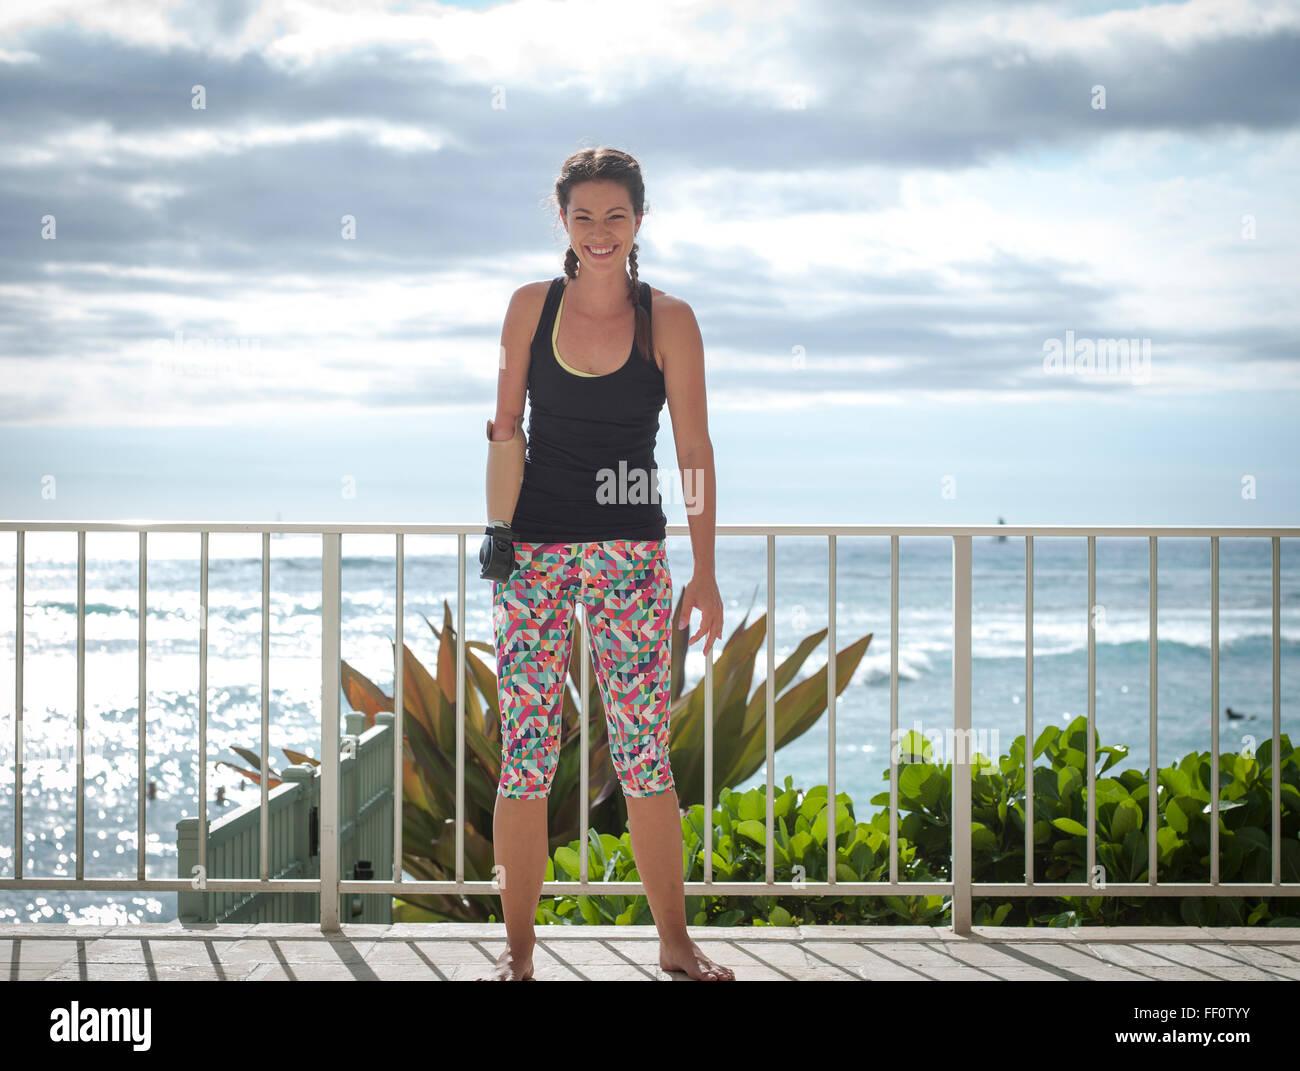 Mixed Race athlète amputé smiling sur balcon Banque D'Images